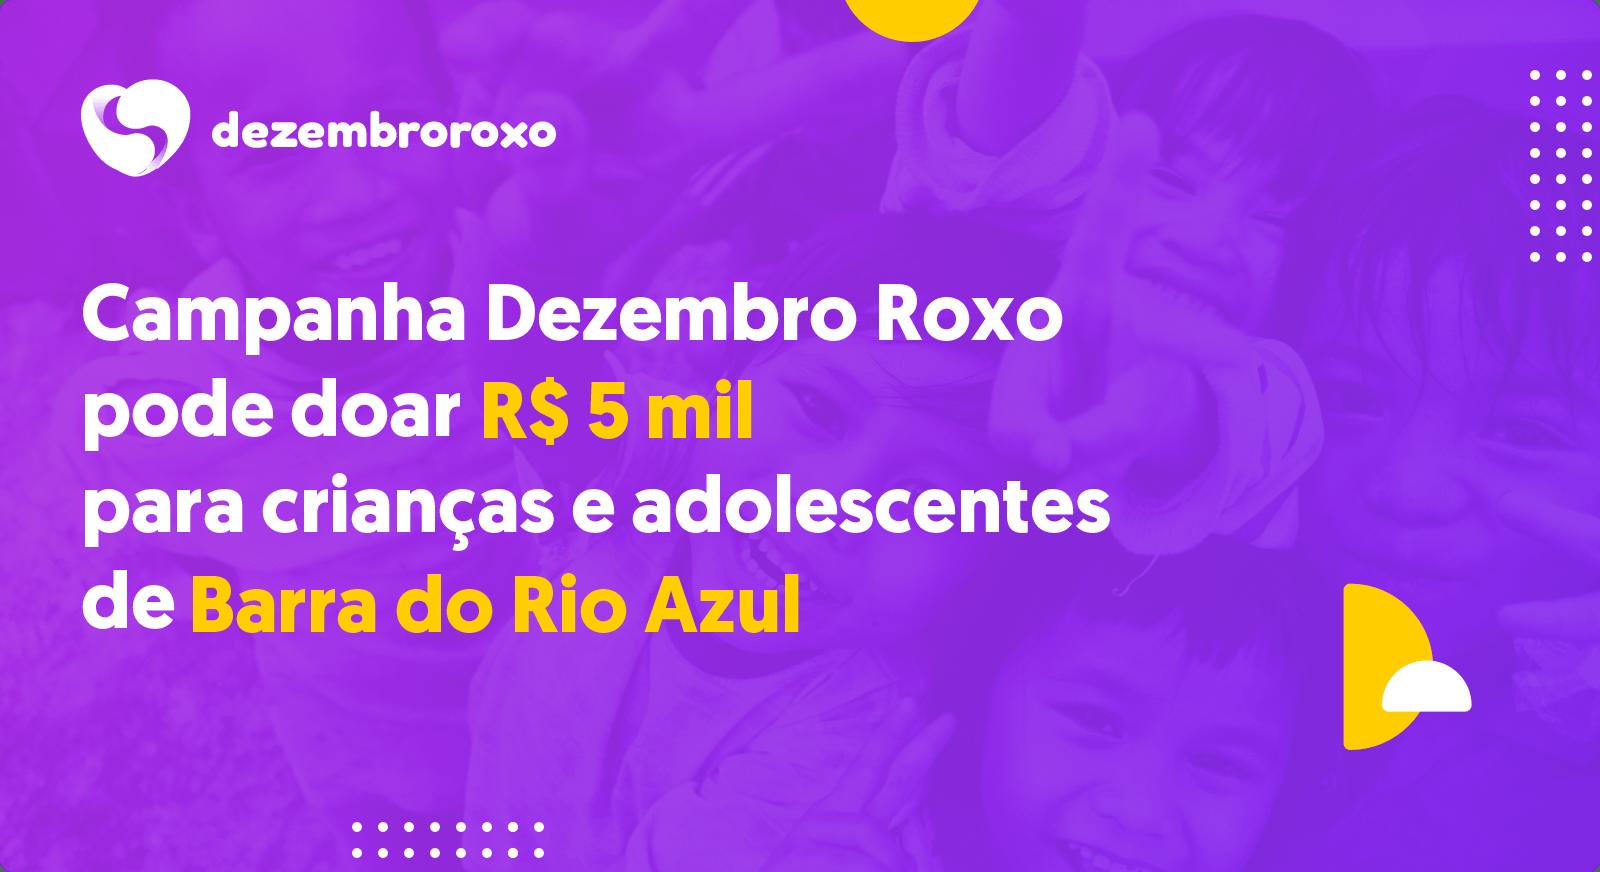 Doações em Barra do Rio Azul - RS